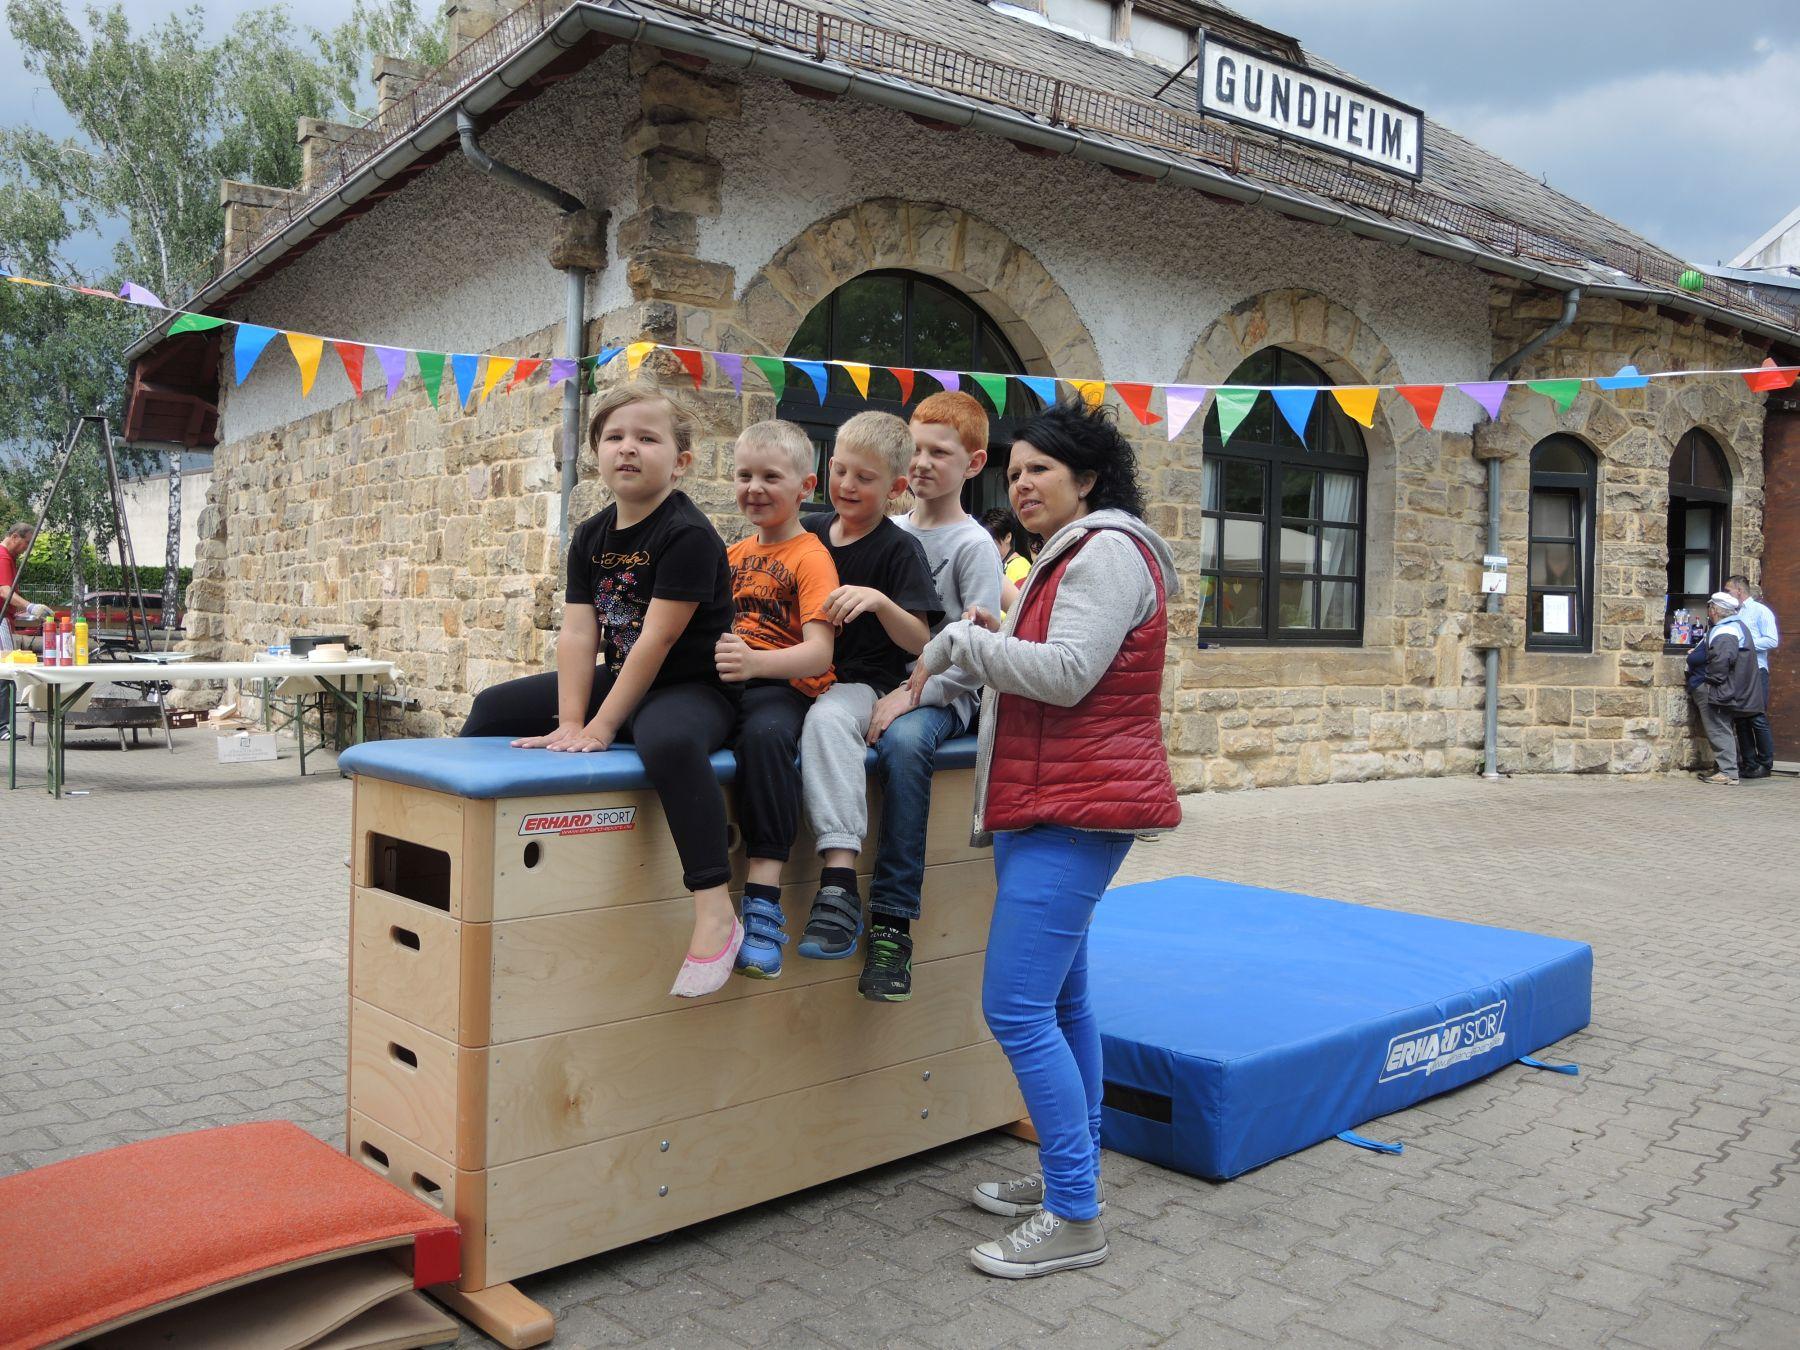 Spielplatzfest_07